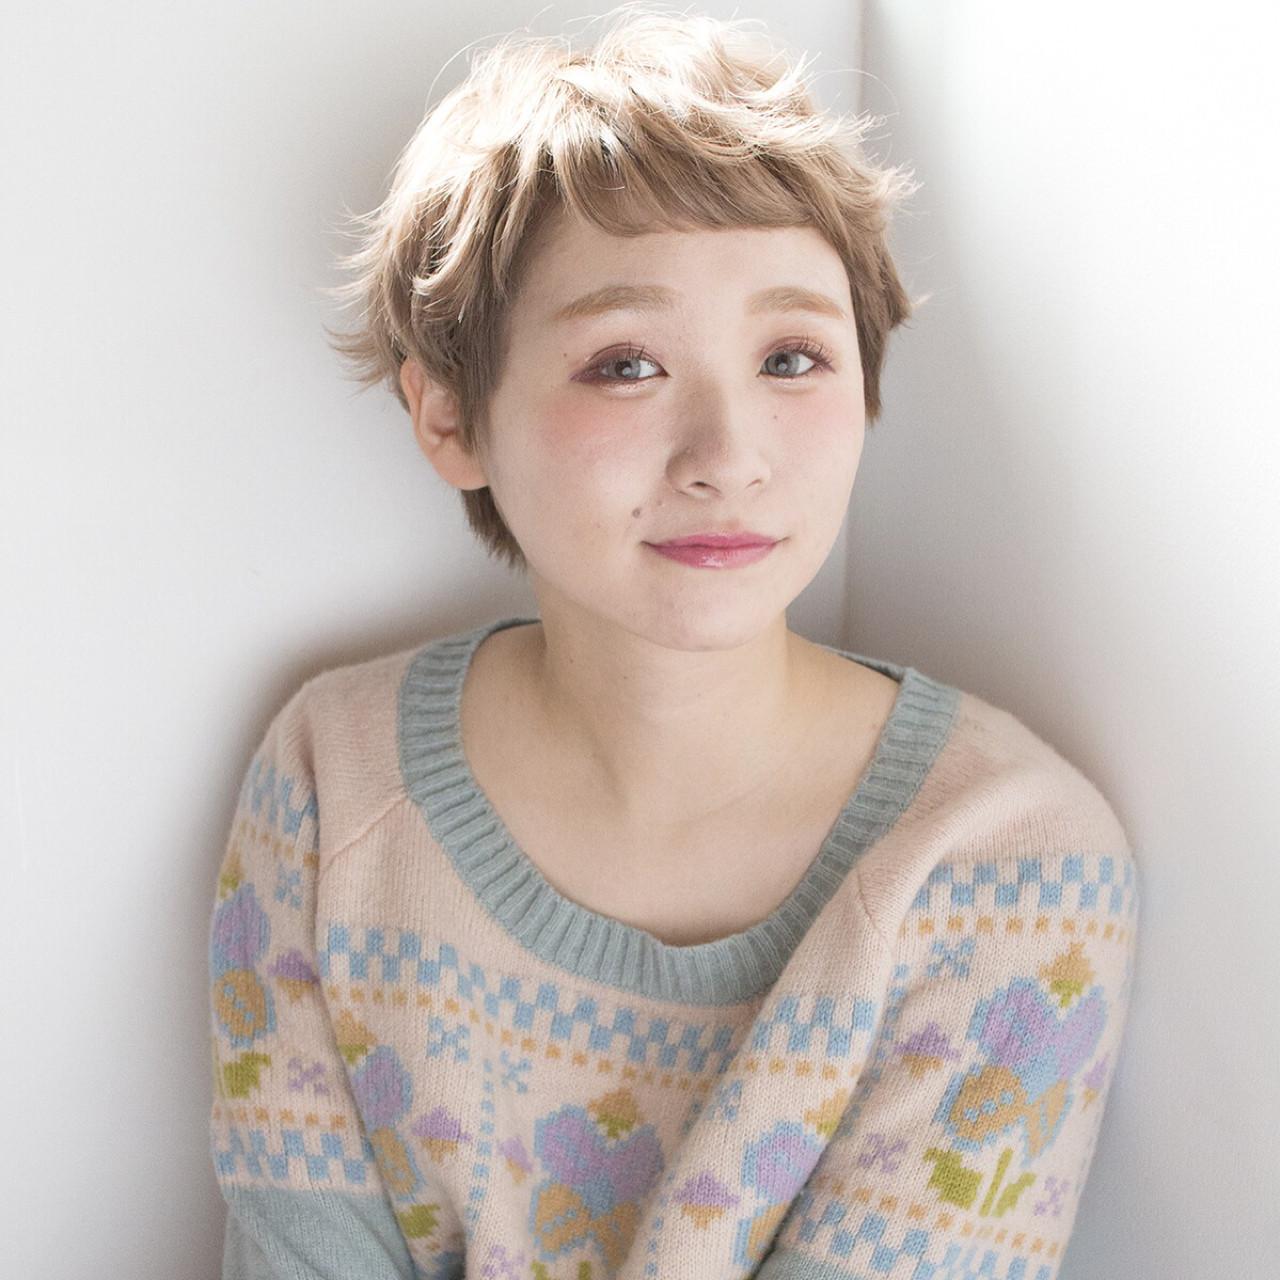 ハイトーン 外国人風 ガーリー 透明感 ヘアスタイルや髪型の写真・画像